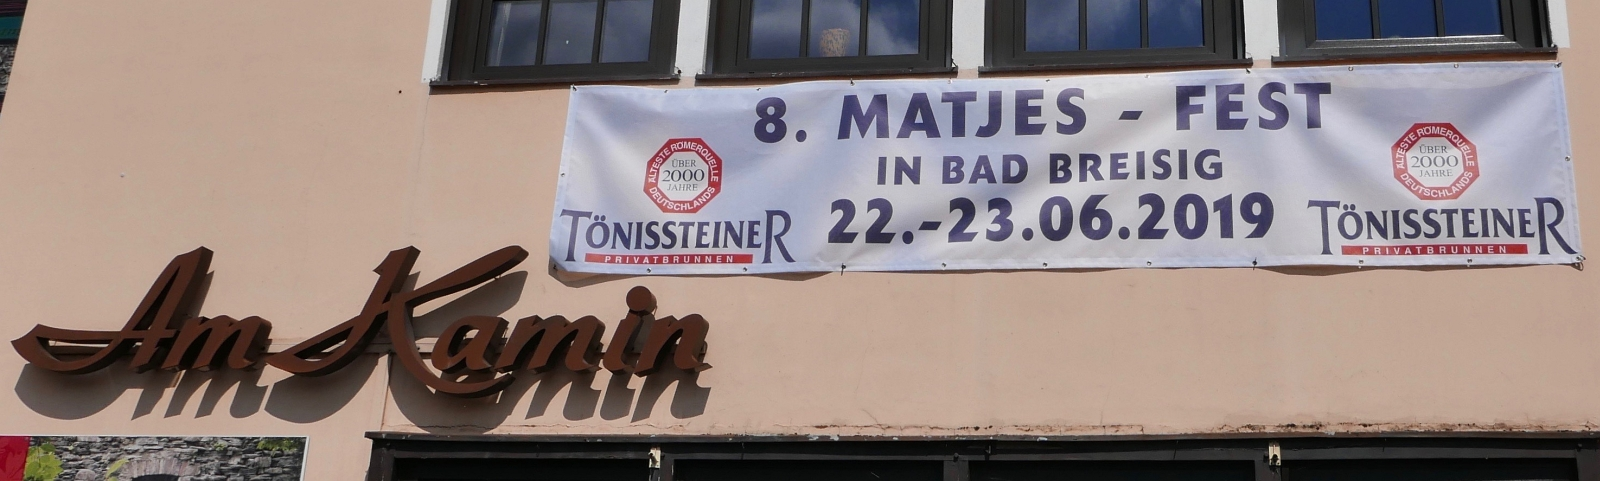 2019: Matjesfest in Bad Breisig (Foto: Manfred Weiler)